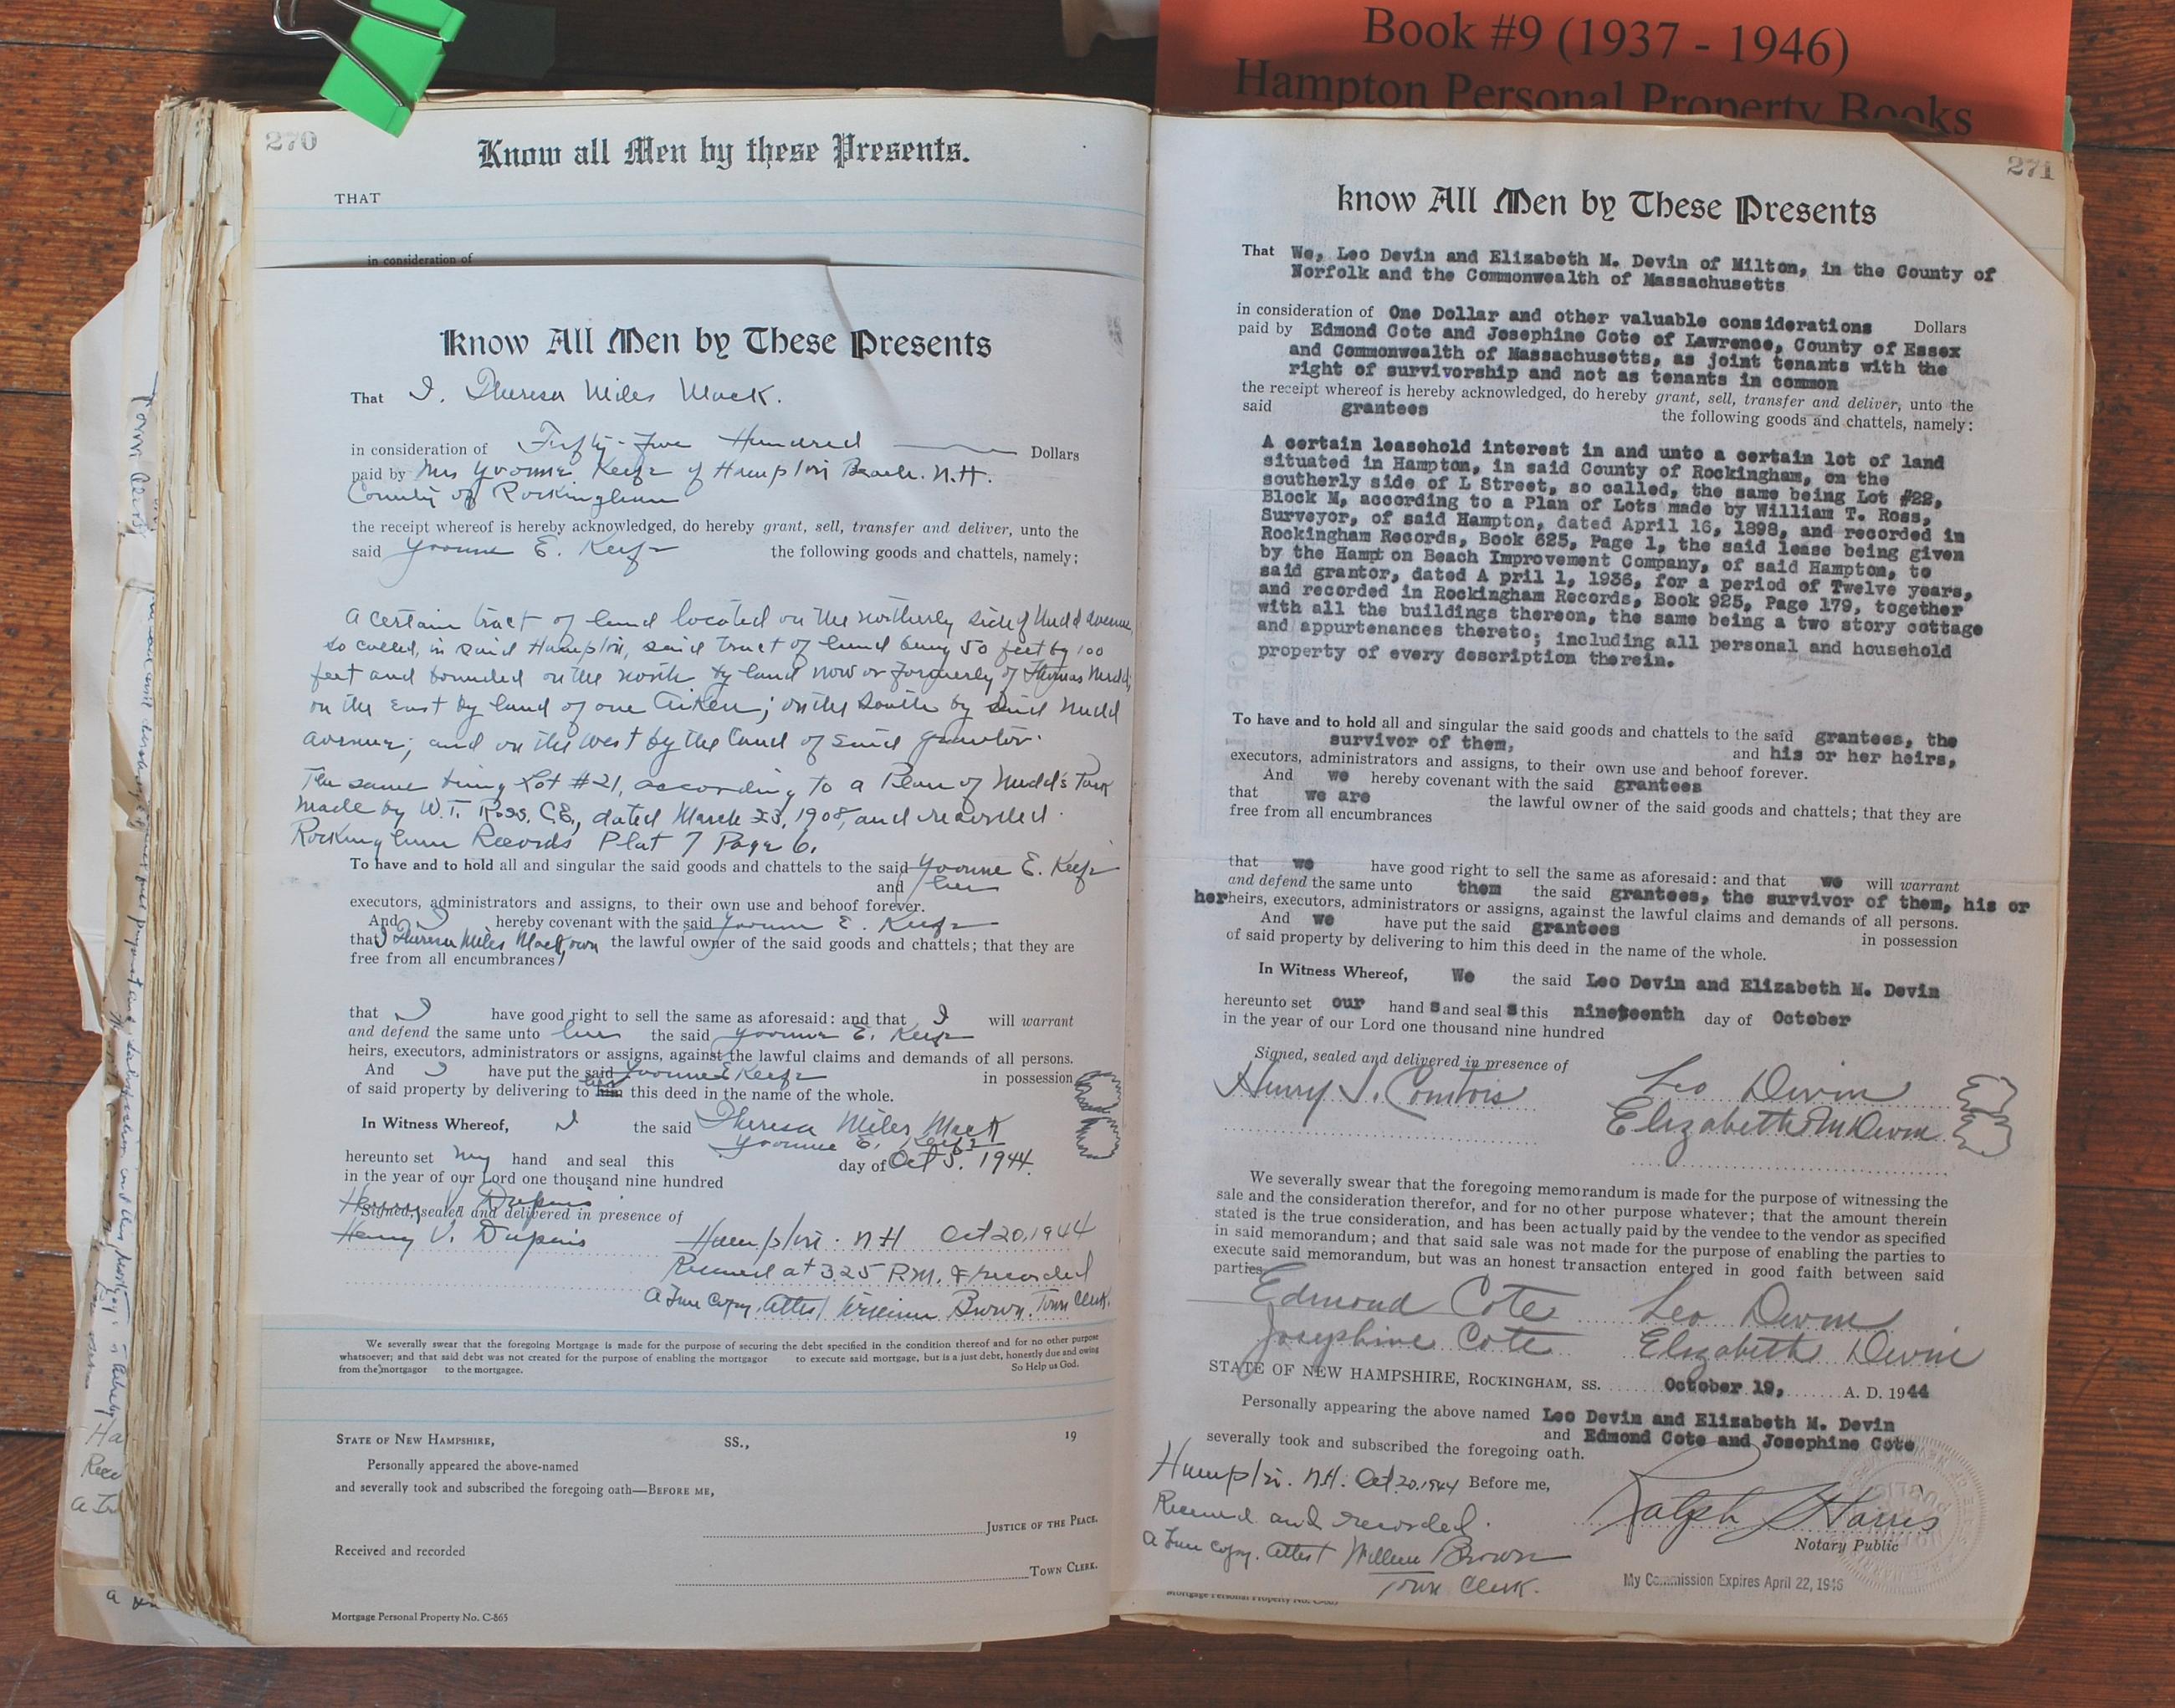 Book 09 - 1937-1946